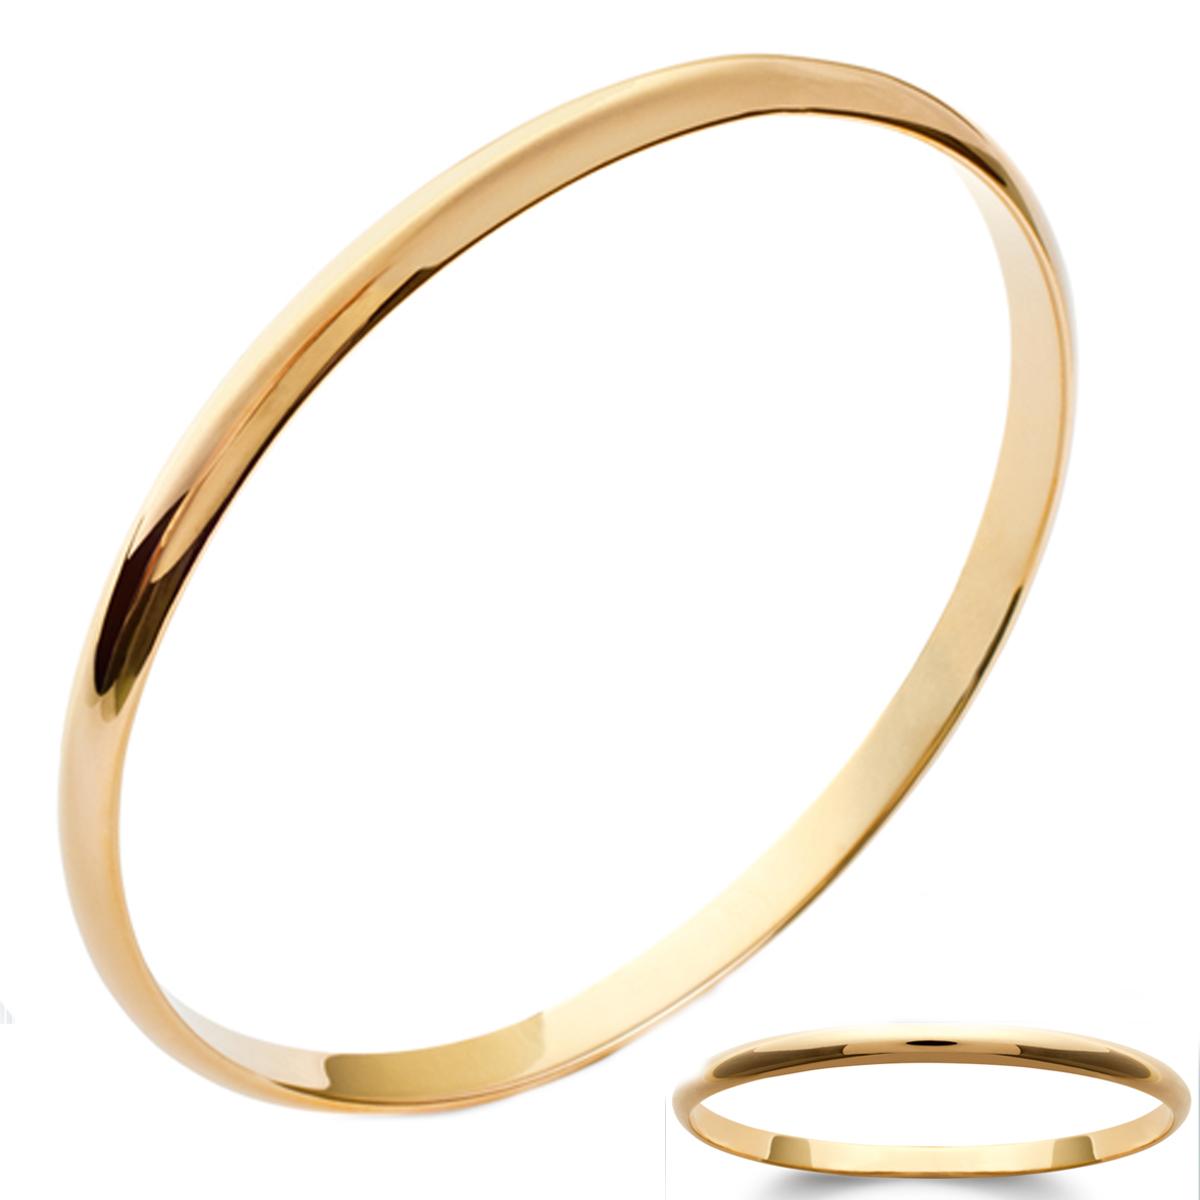 Bracelet Plaqué Or \'Demi-Jonc\' 62 mm 5 mm - [J9367]